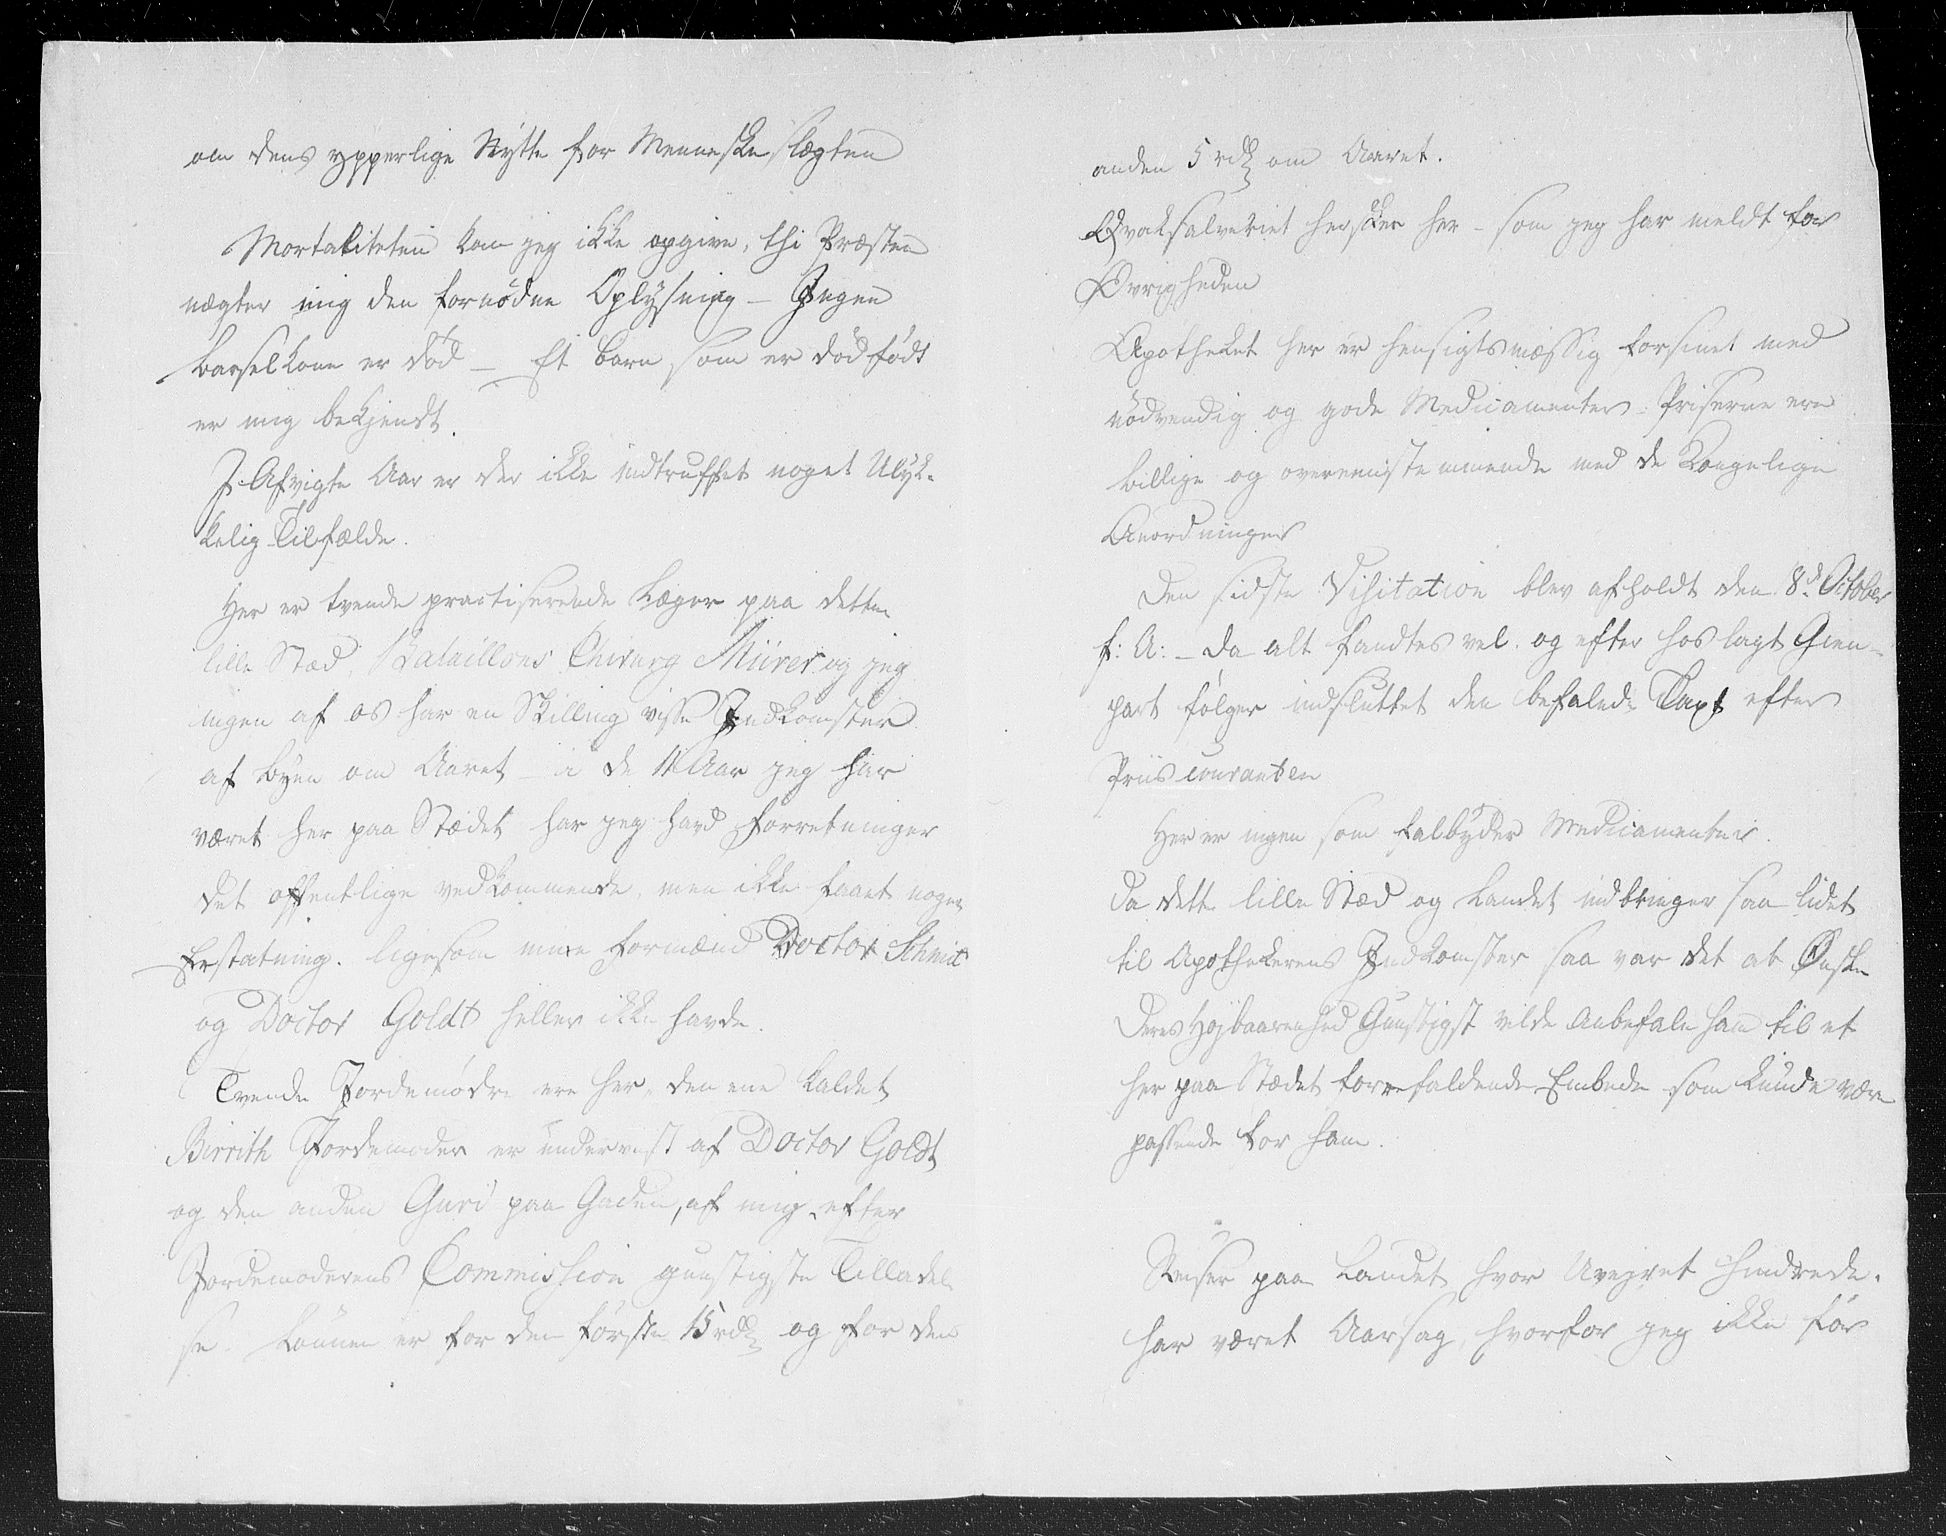 RA, Sunnhetskollegiet 1809-1815, E/L0015: Medisinalinnberetninger, 1803-1812